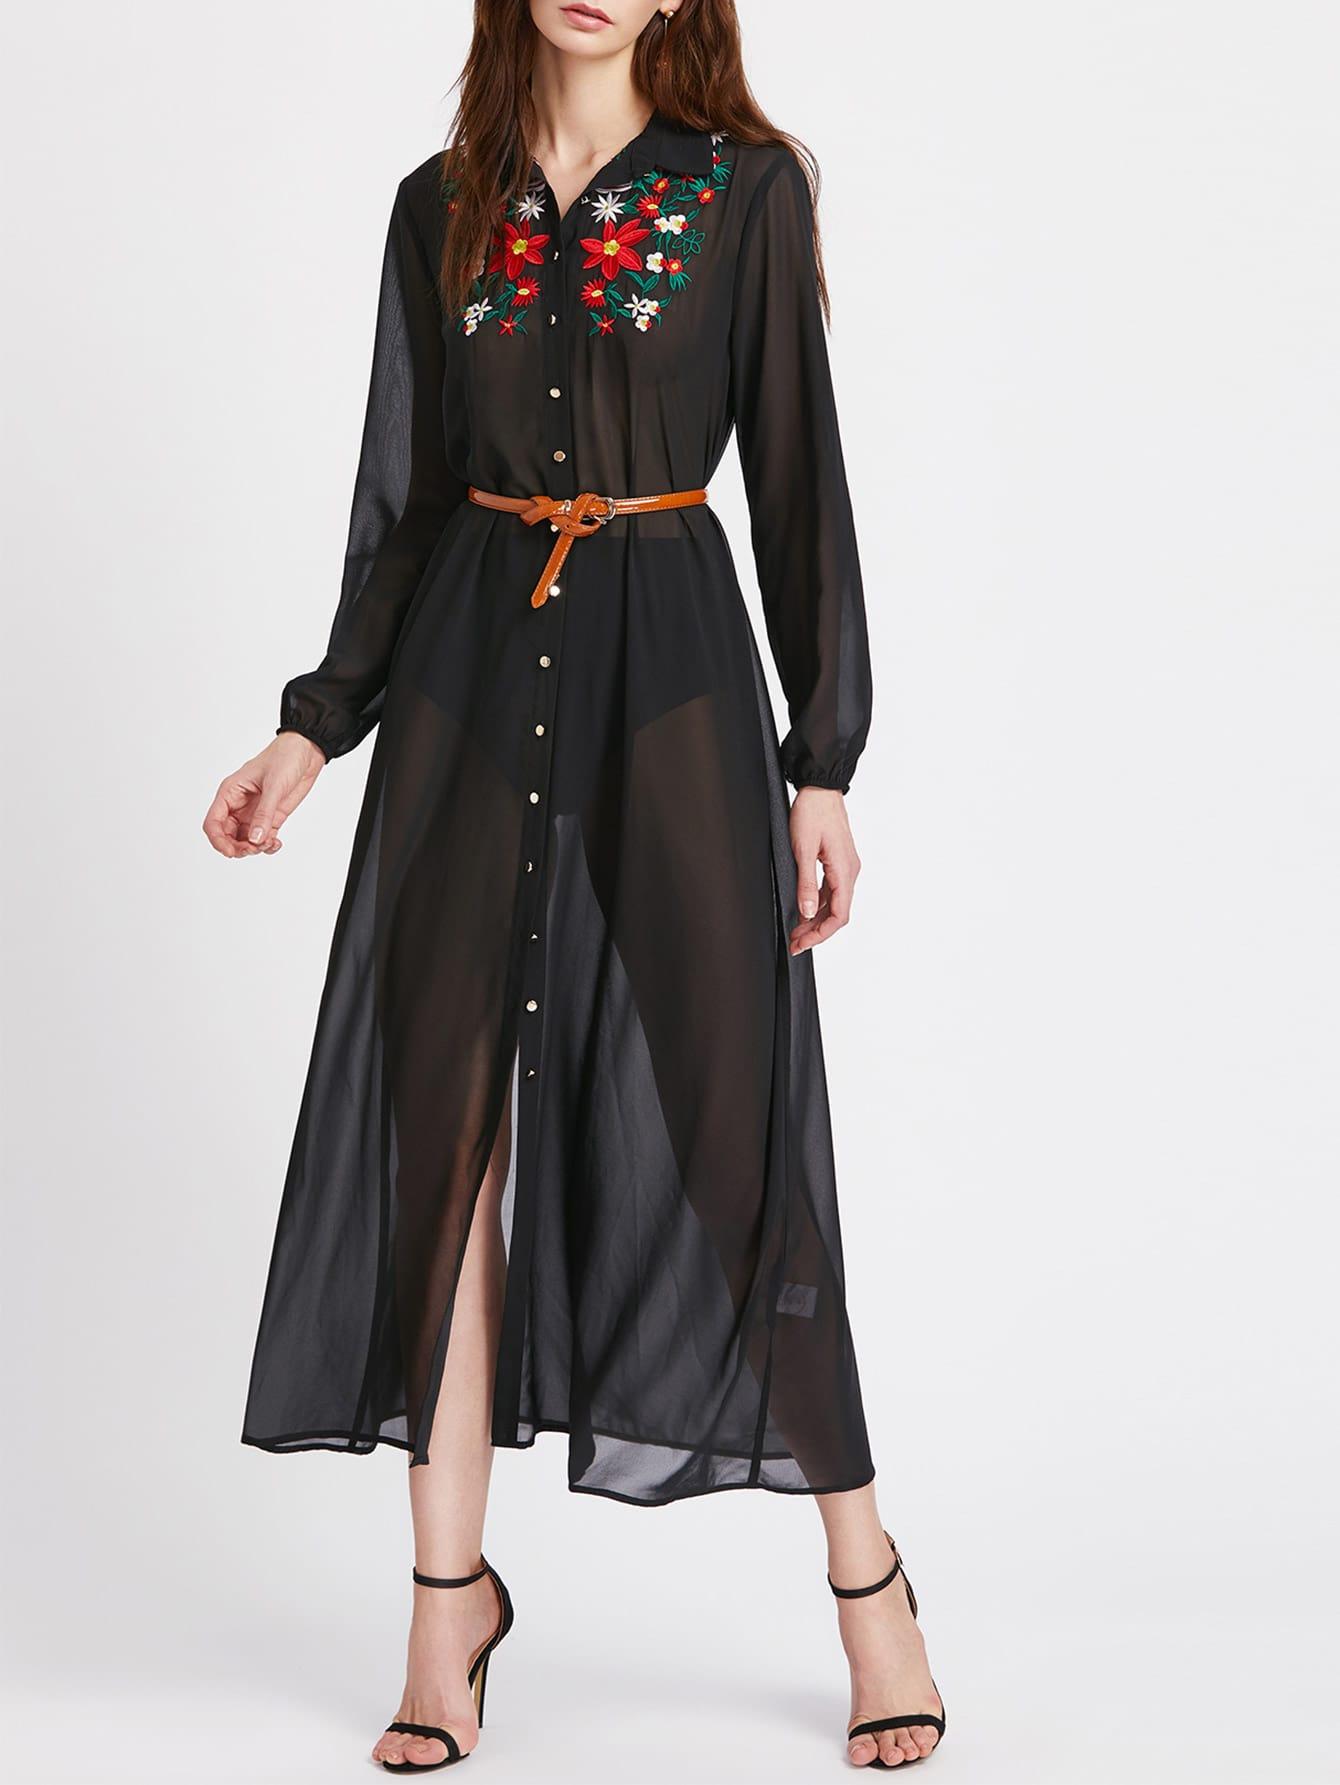 Фото Embroidered Yoke Elasticized Cuff Semi Sheer Shirt Dress. Купить с доставкой